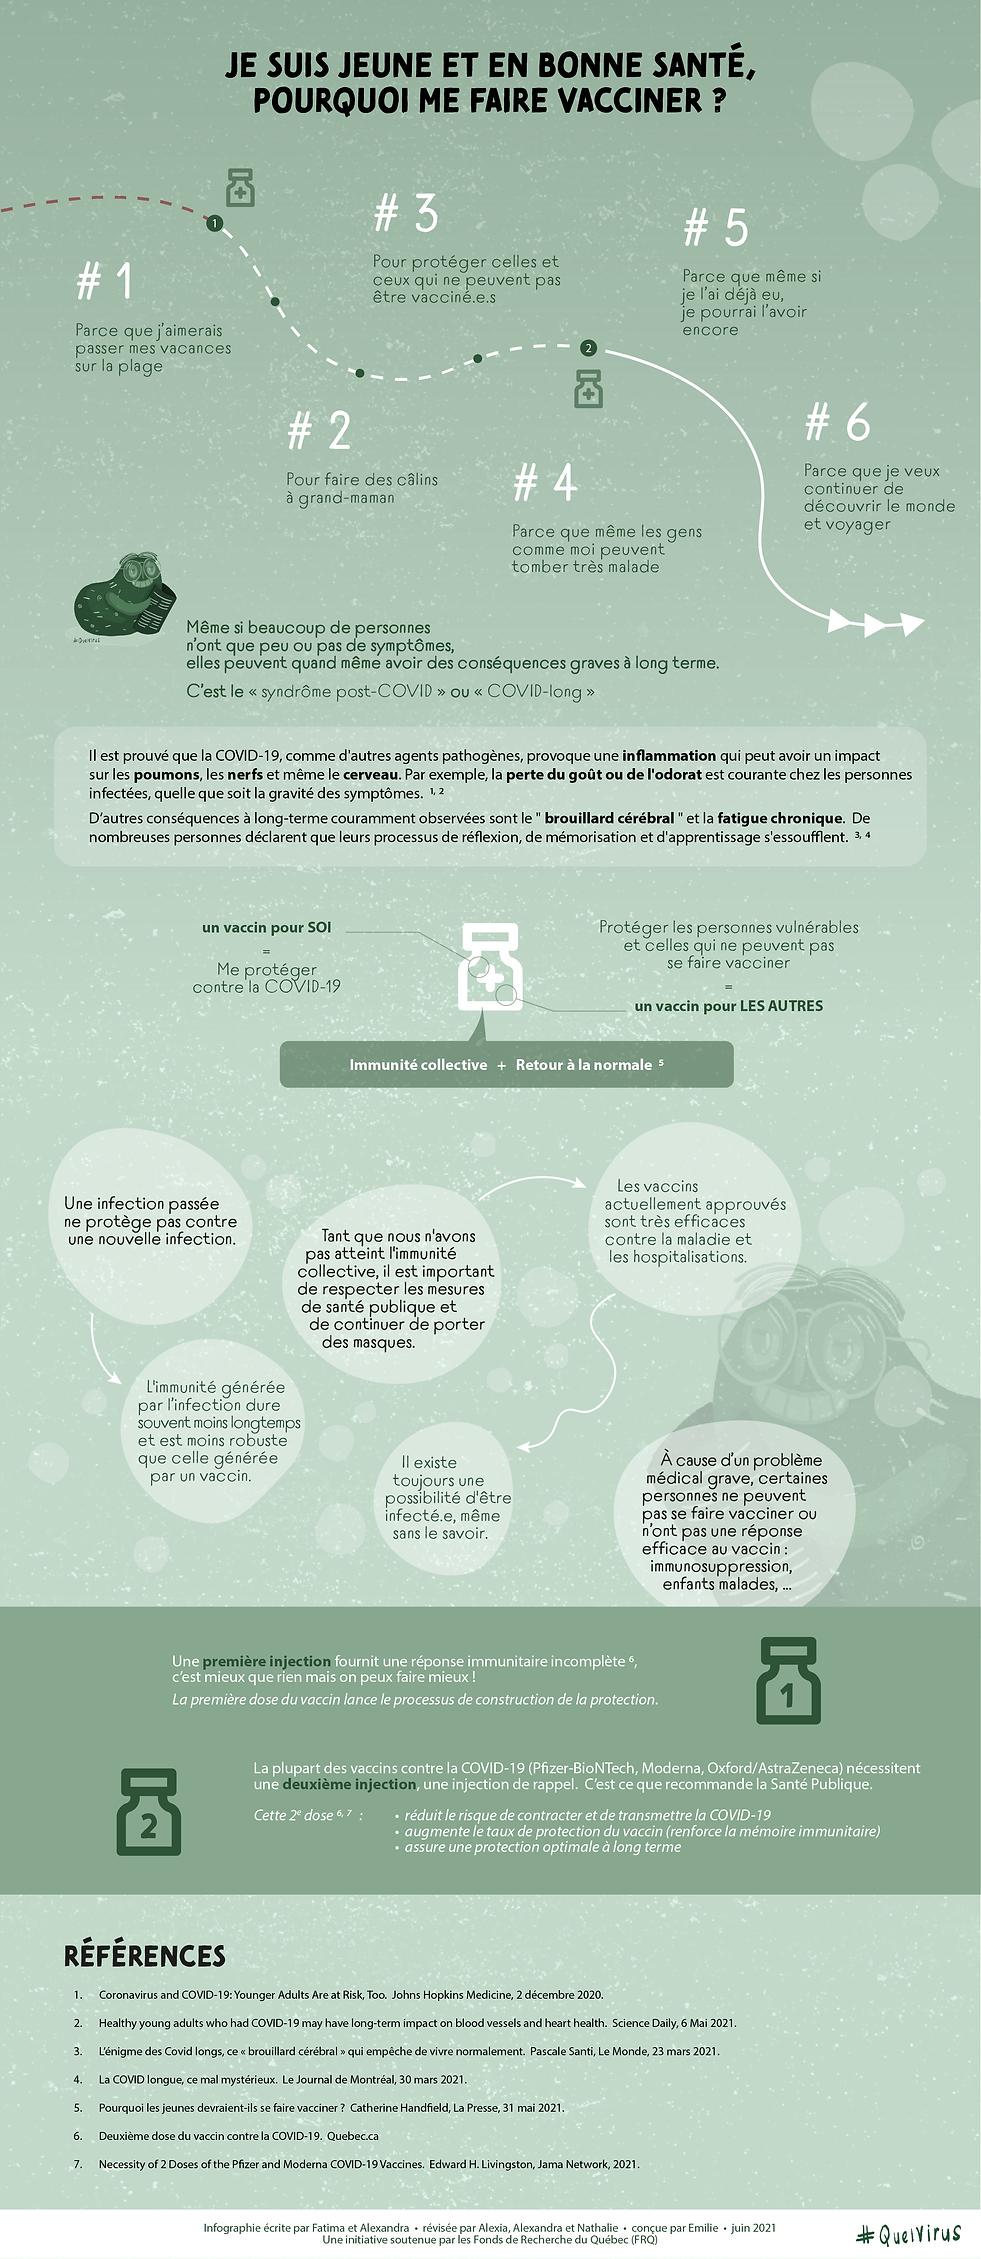 Fiche-info sur les raisons pour se faire vacciner contre la COVID-19